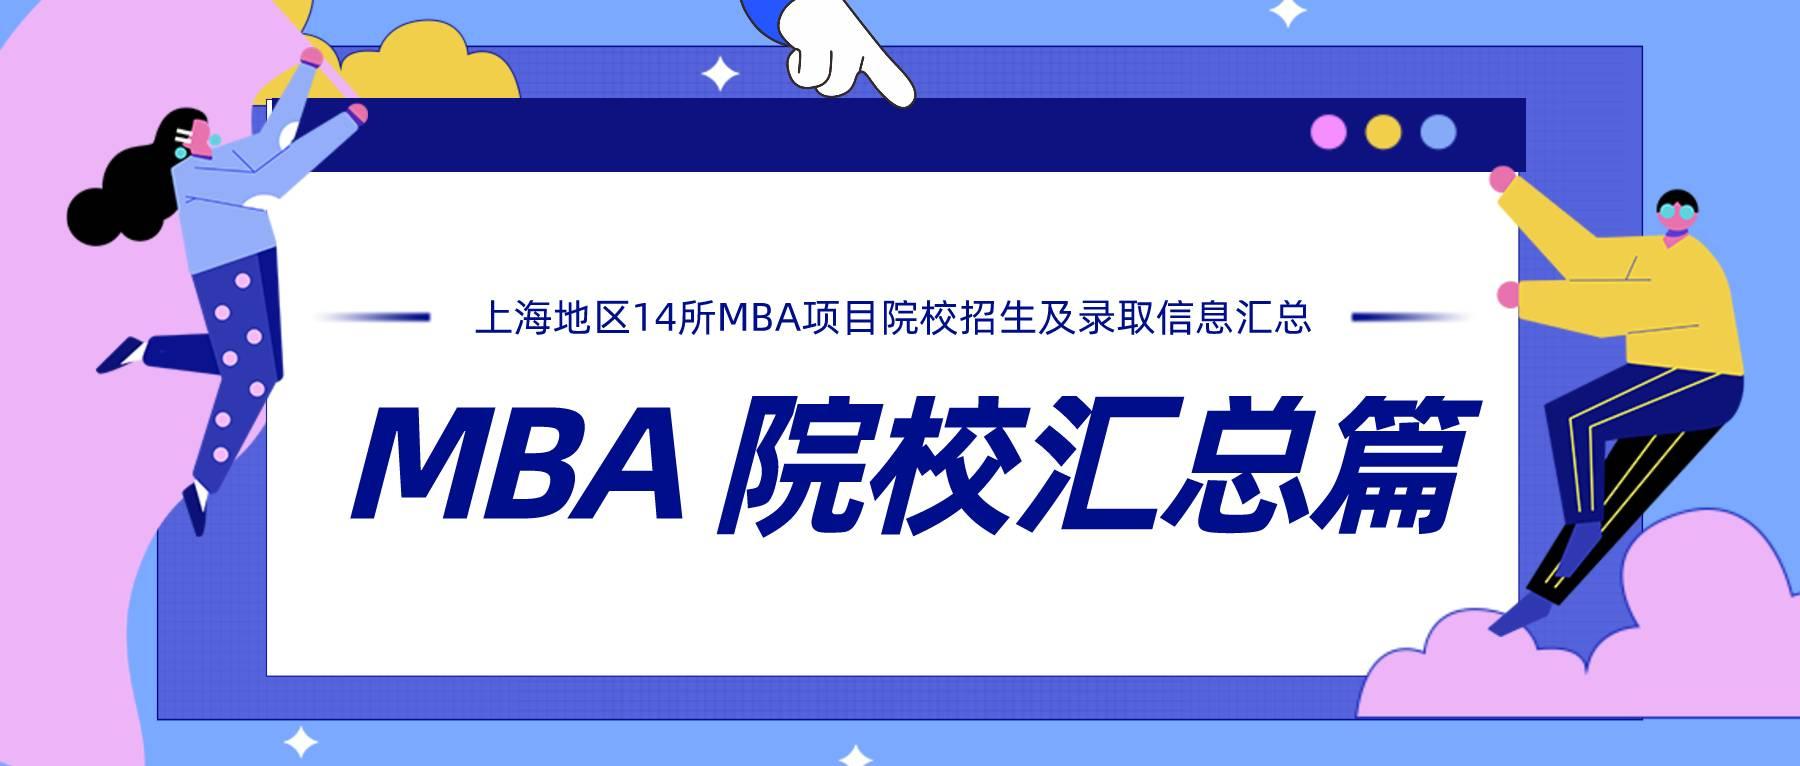 上海地区14所MBA项目院校招生及录取信息汇总